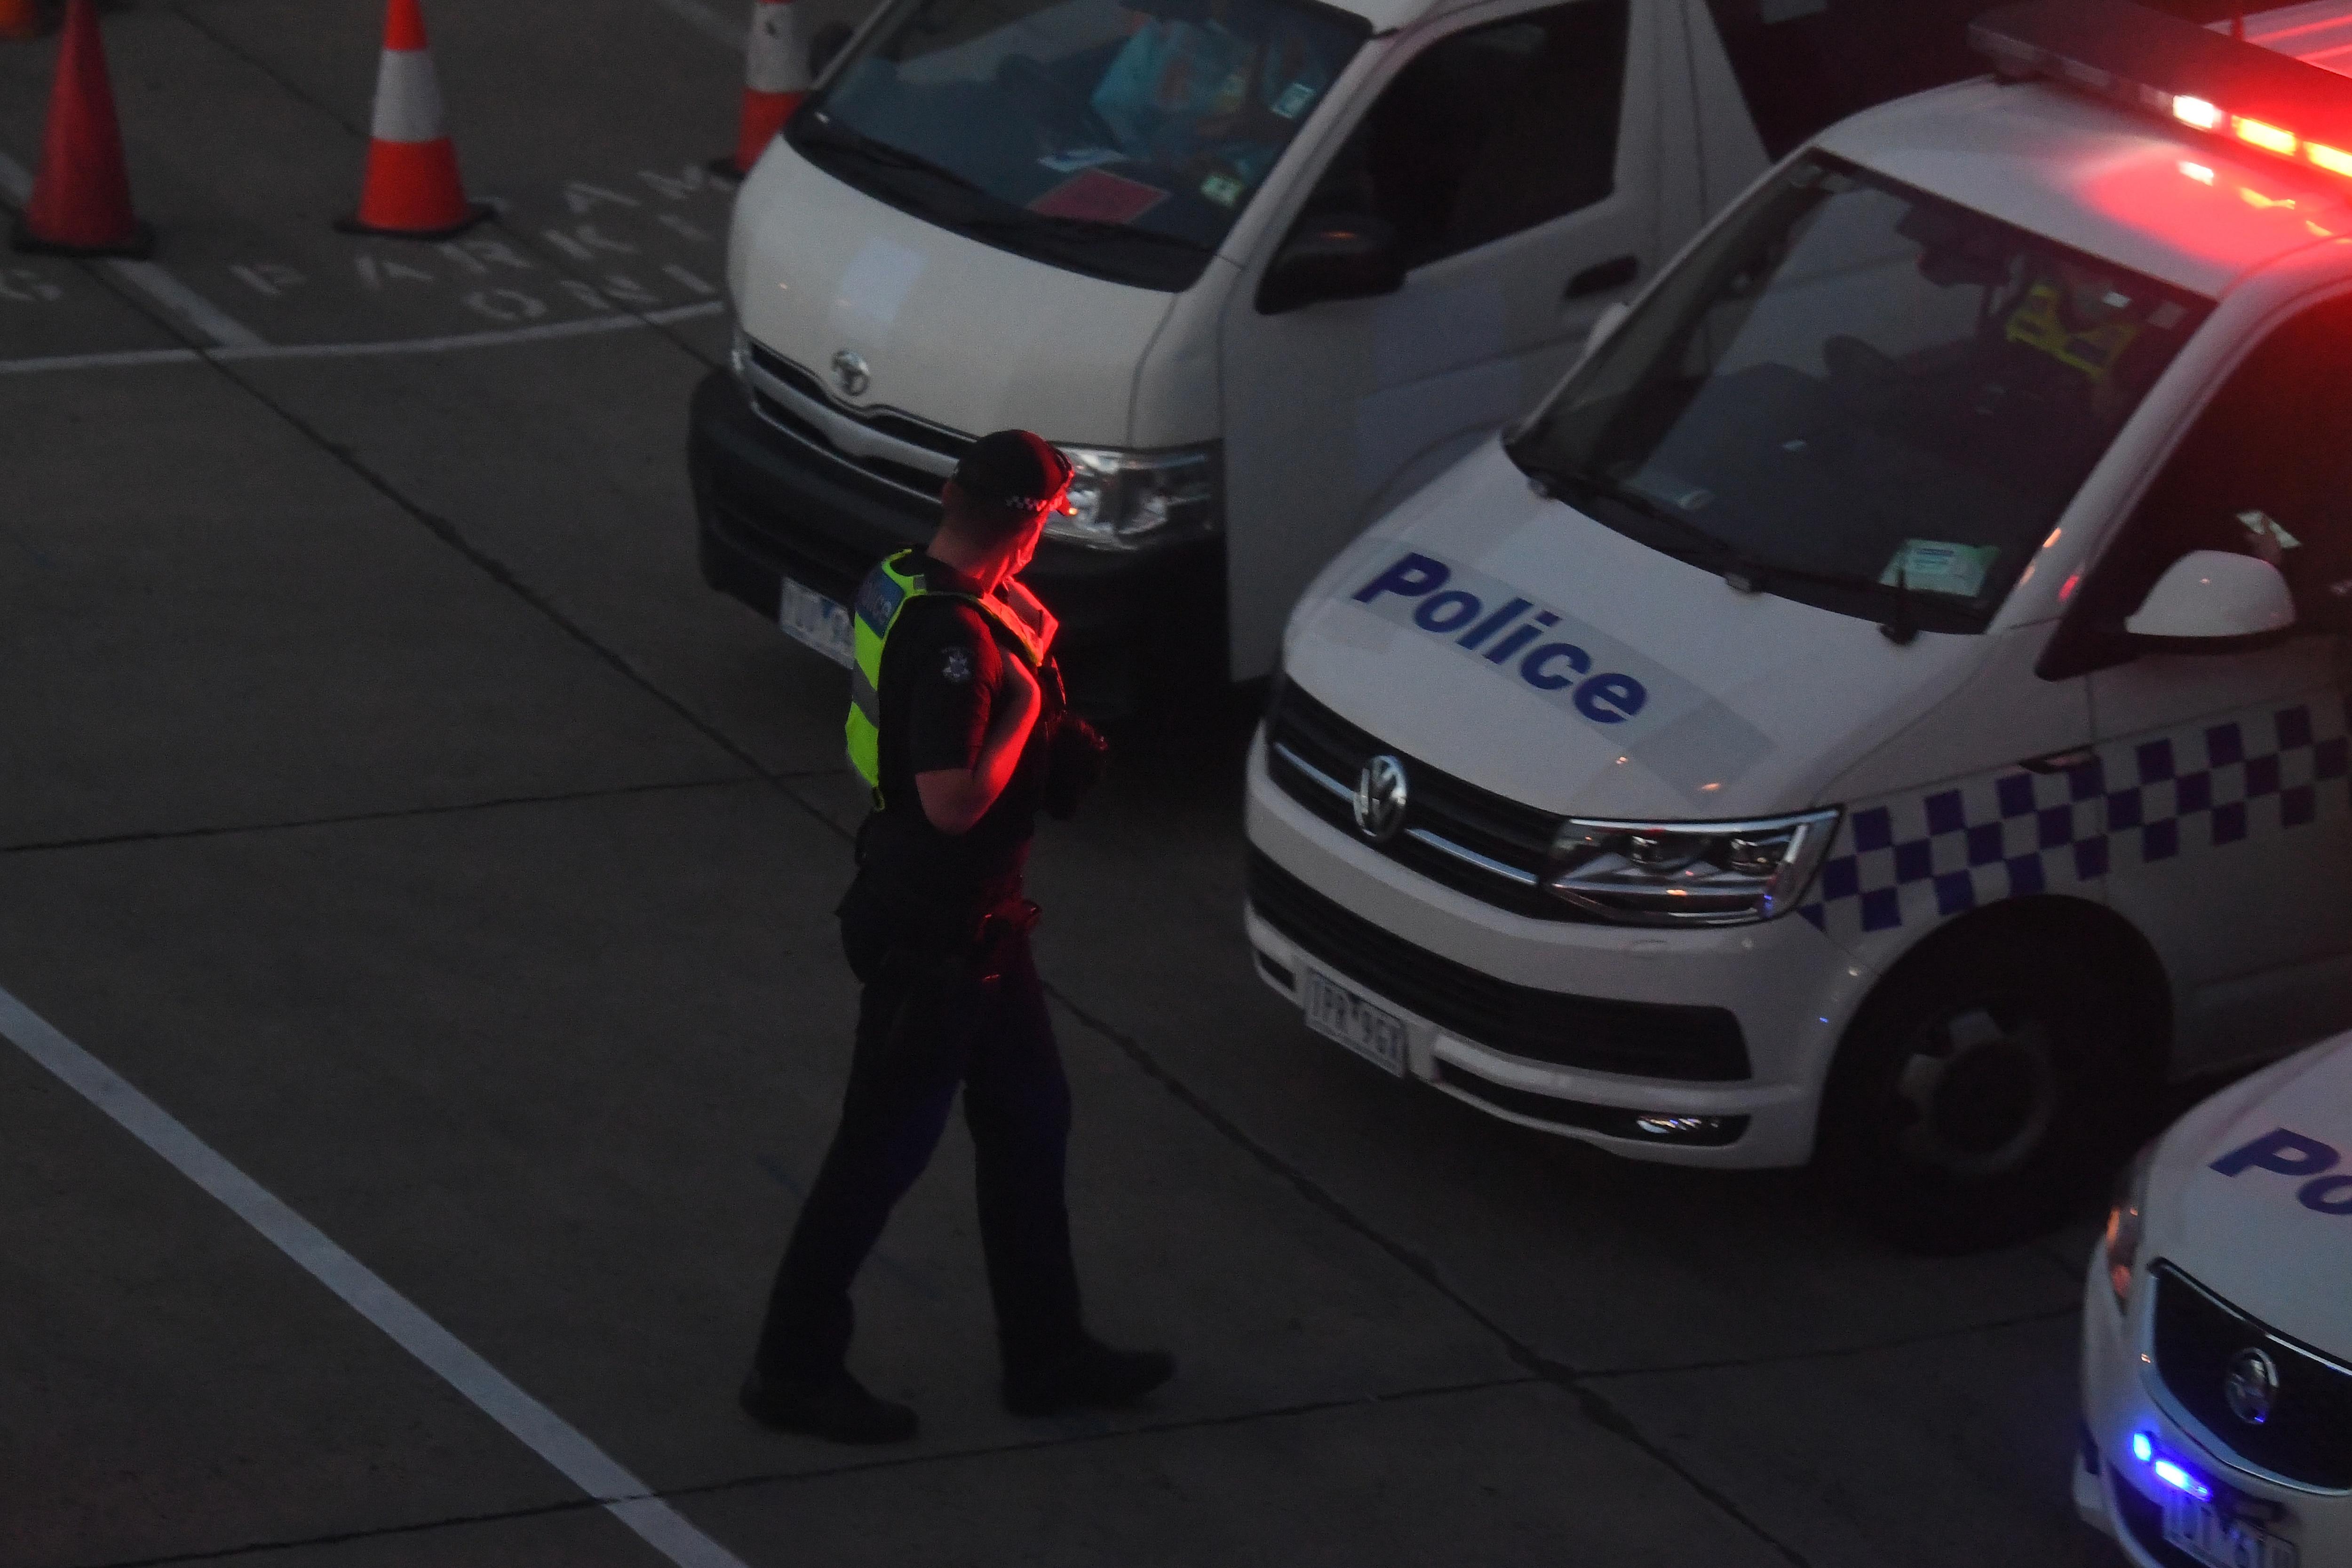 マルカ・ライファーが1月27日水曜日に到着したと報告されているため、ビクトリア州警察がメルボルン国際空港で見られます。